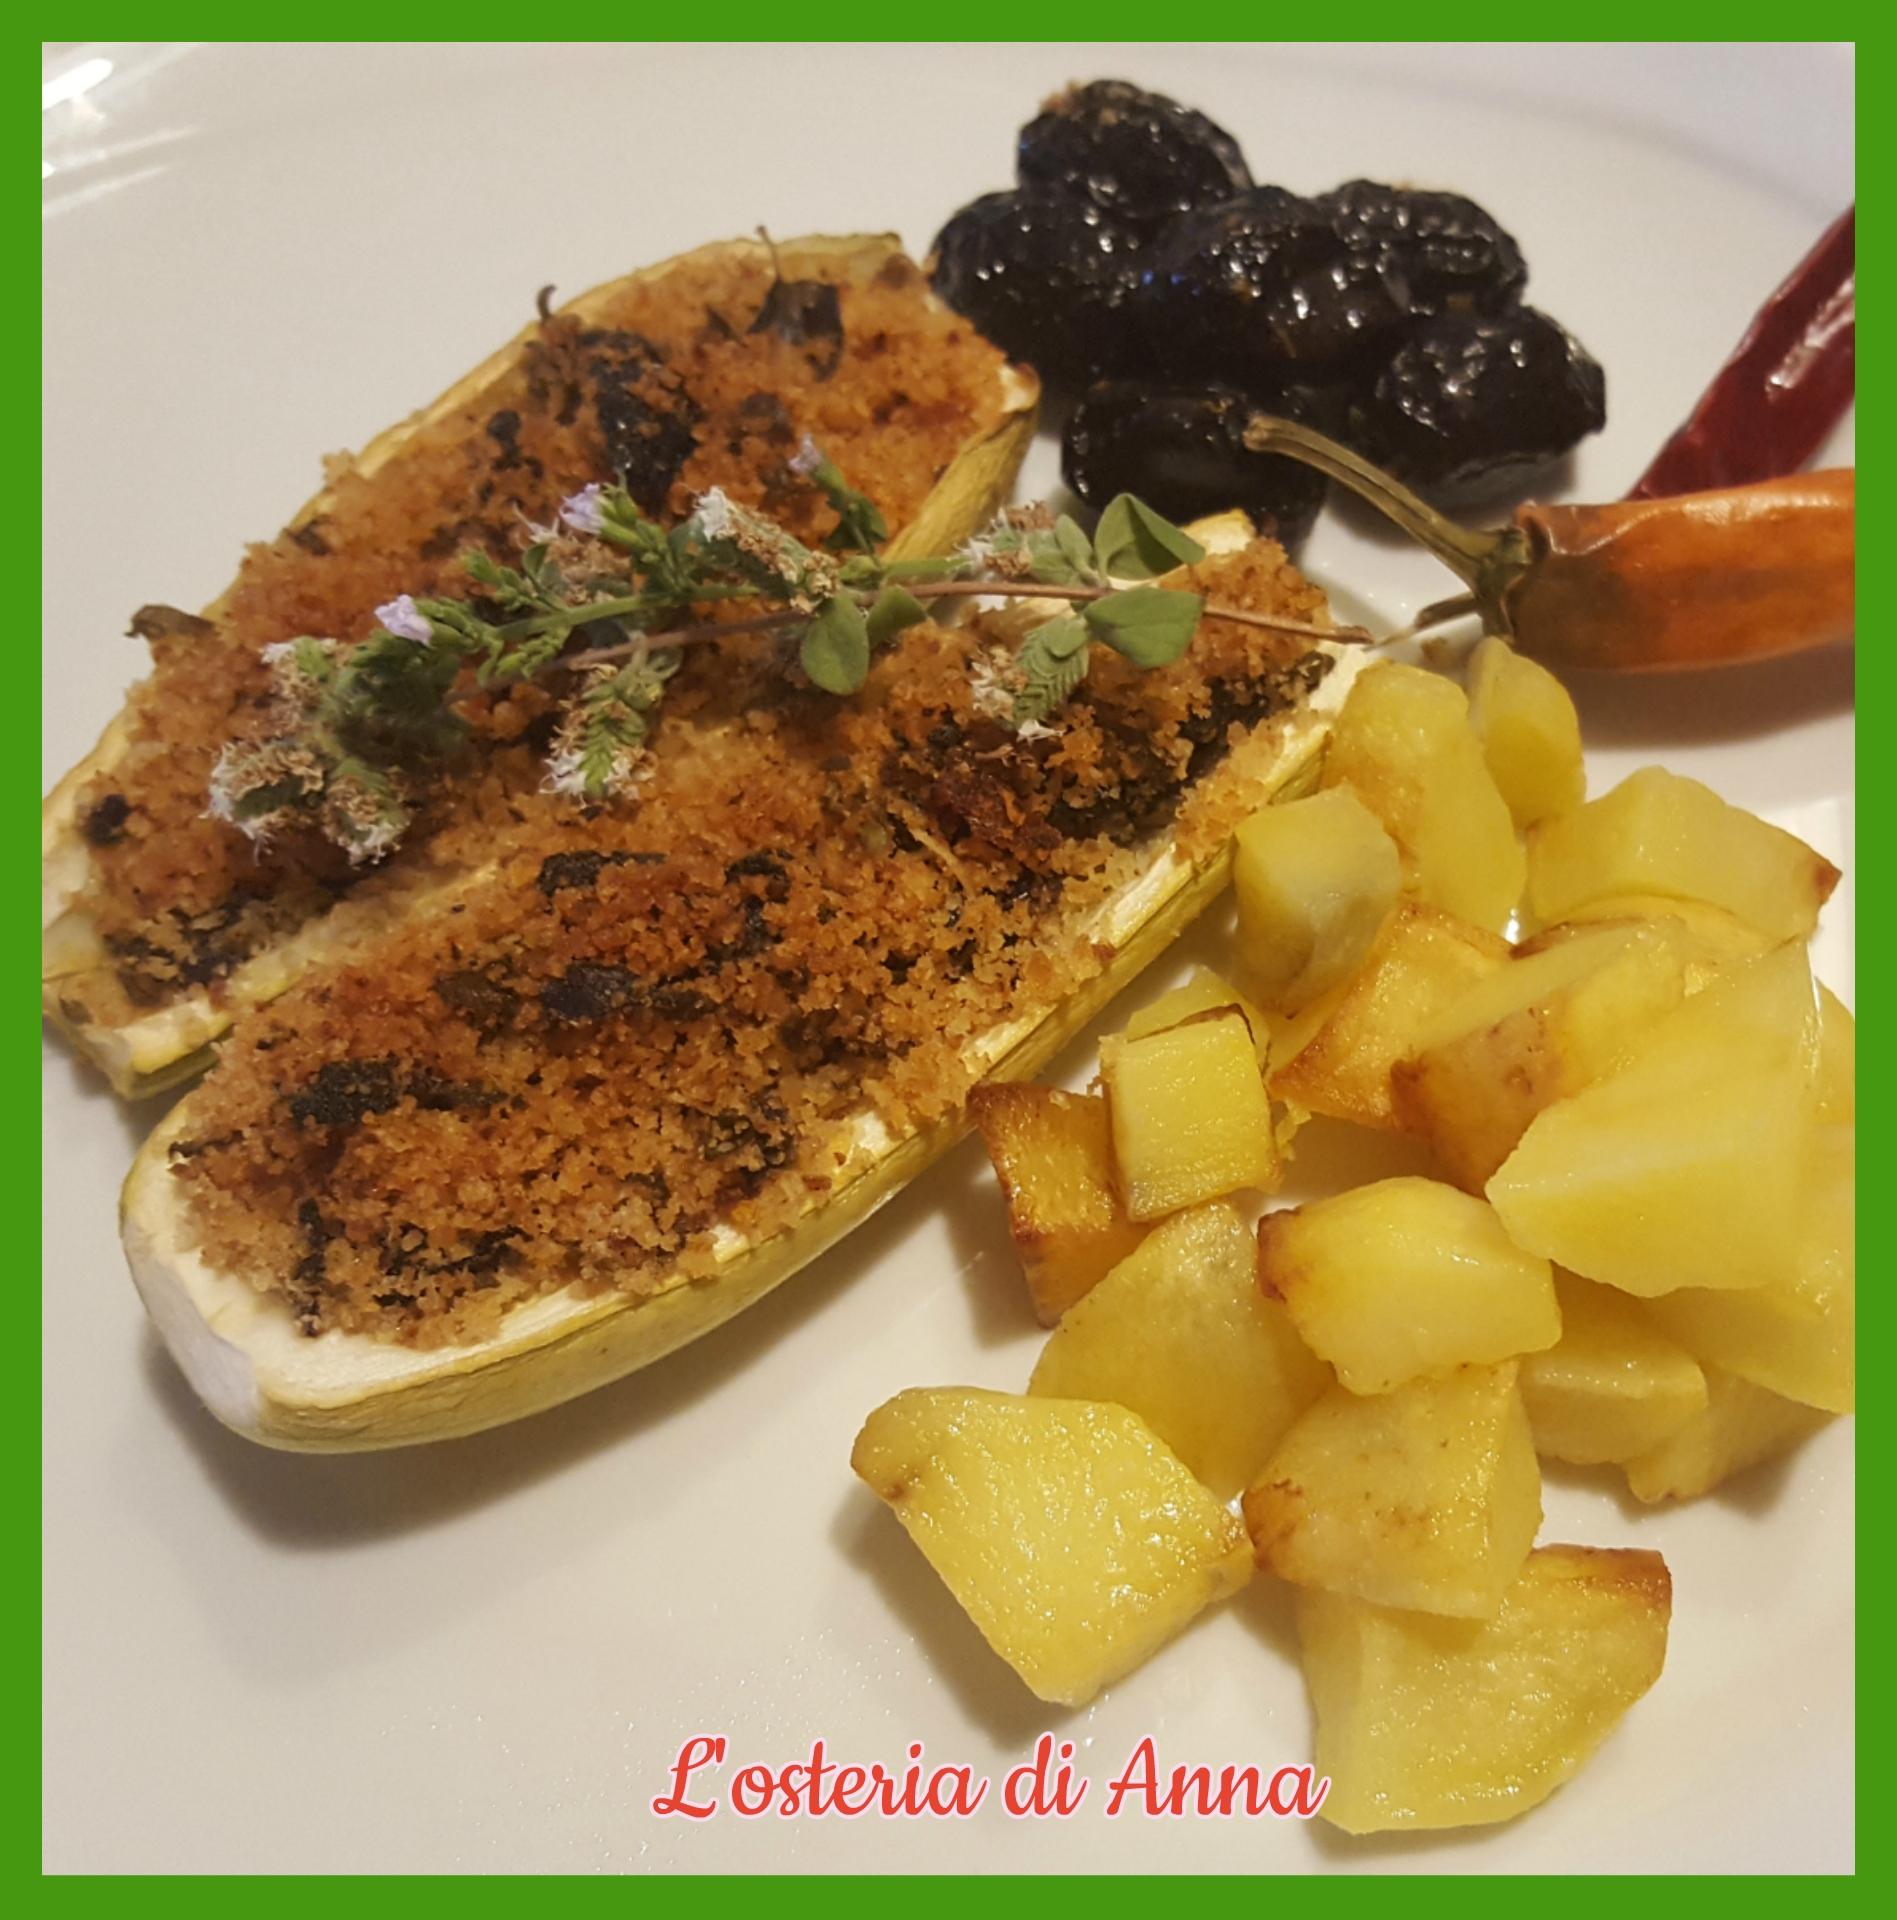 Zucchine gratinate alla calabrese con contorno di patate